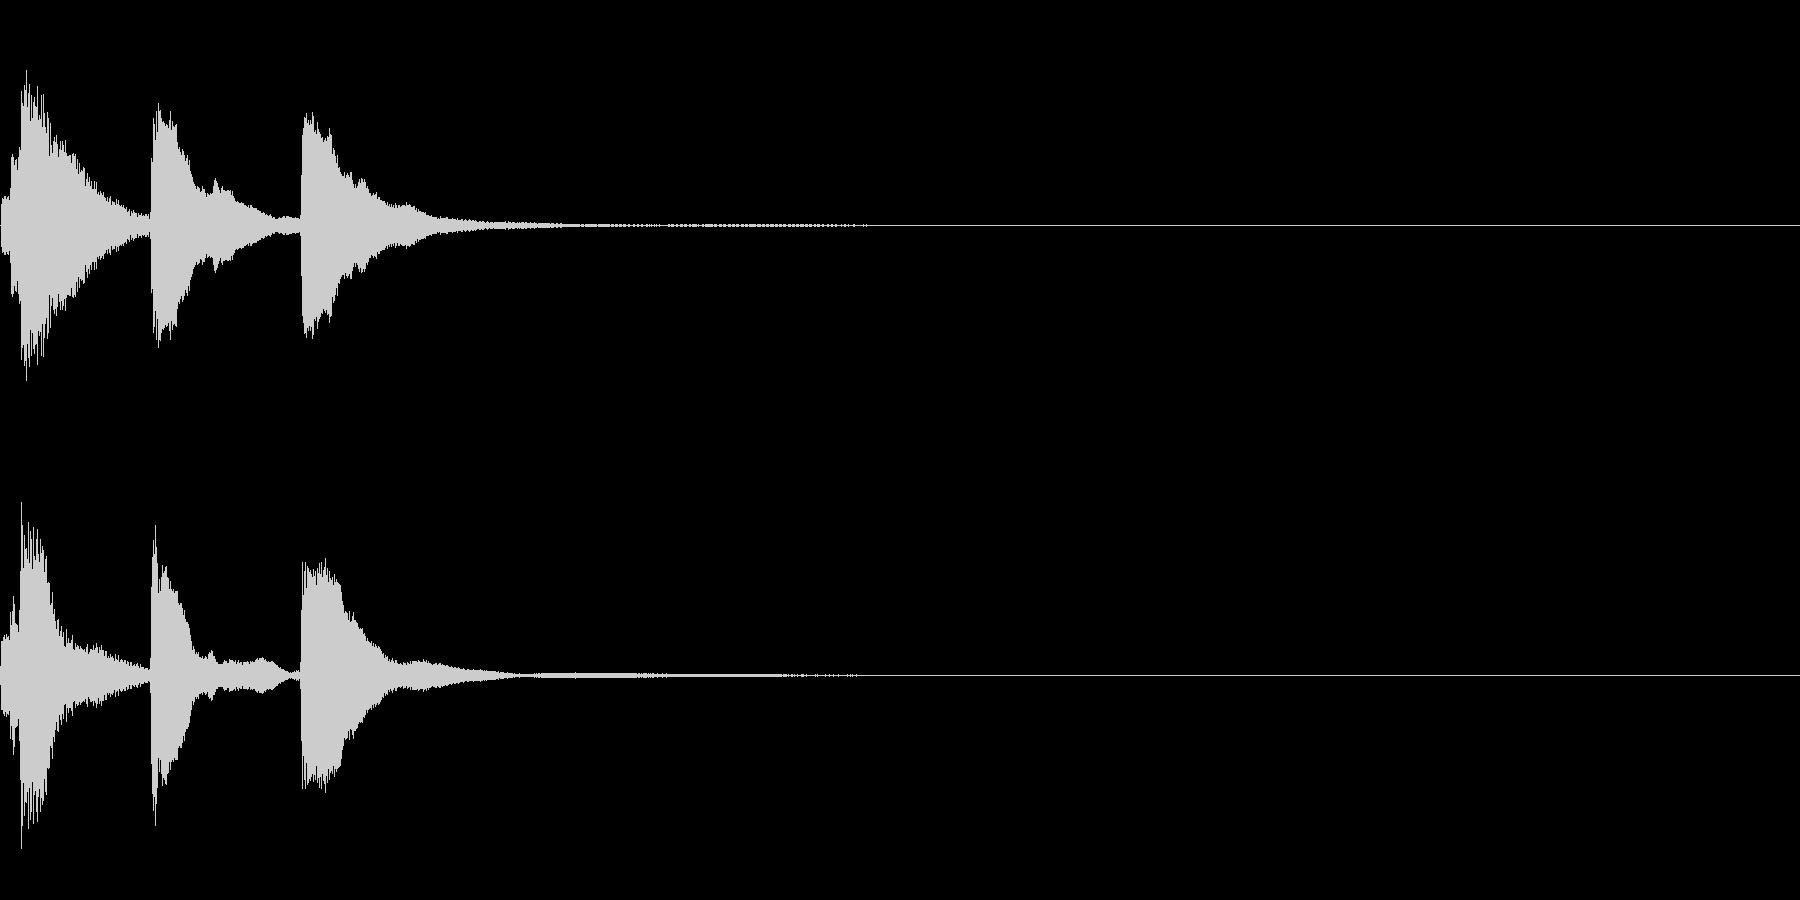 ミステリー系導入音_その10の未再生の波形